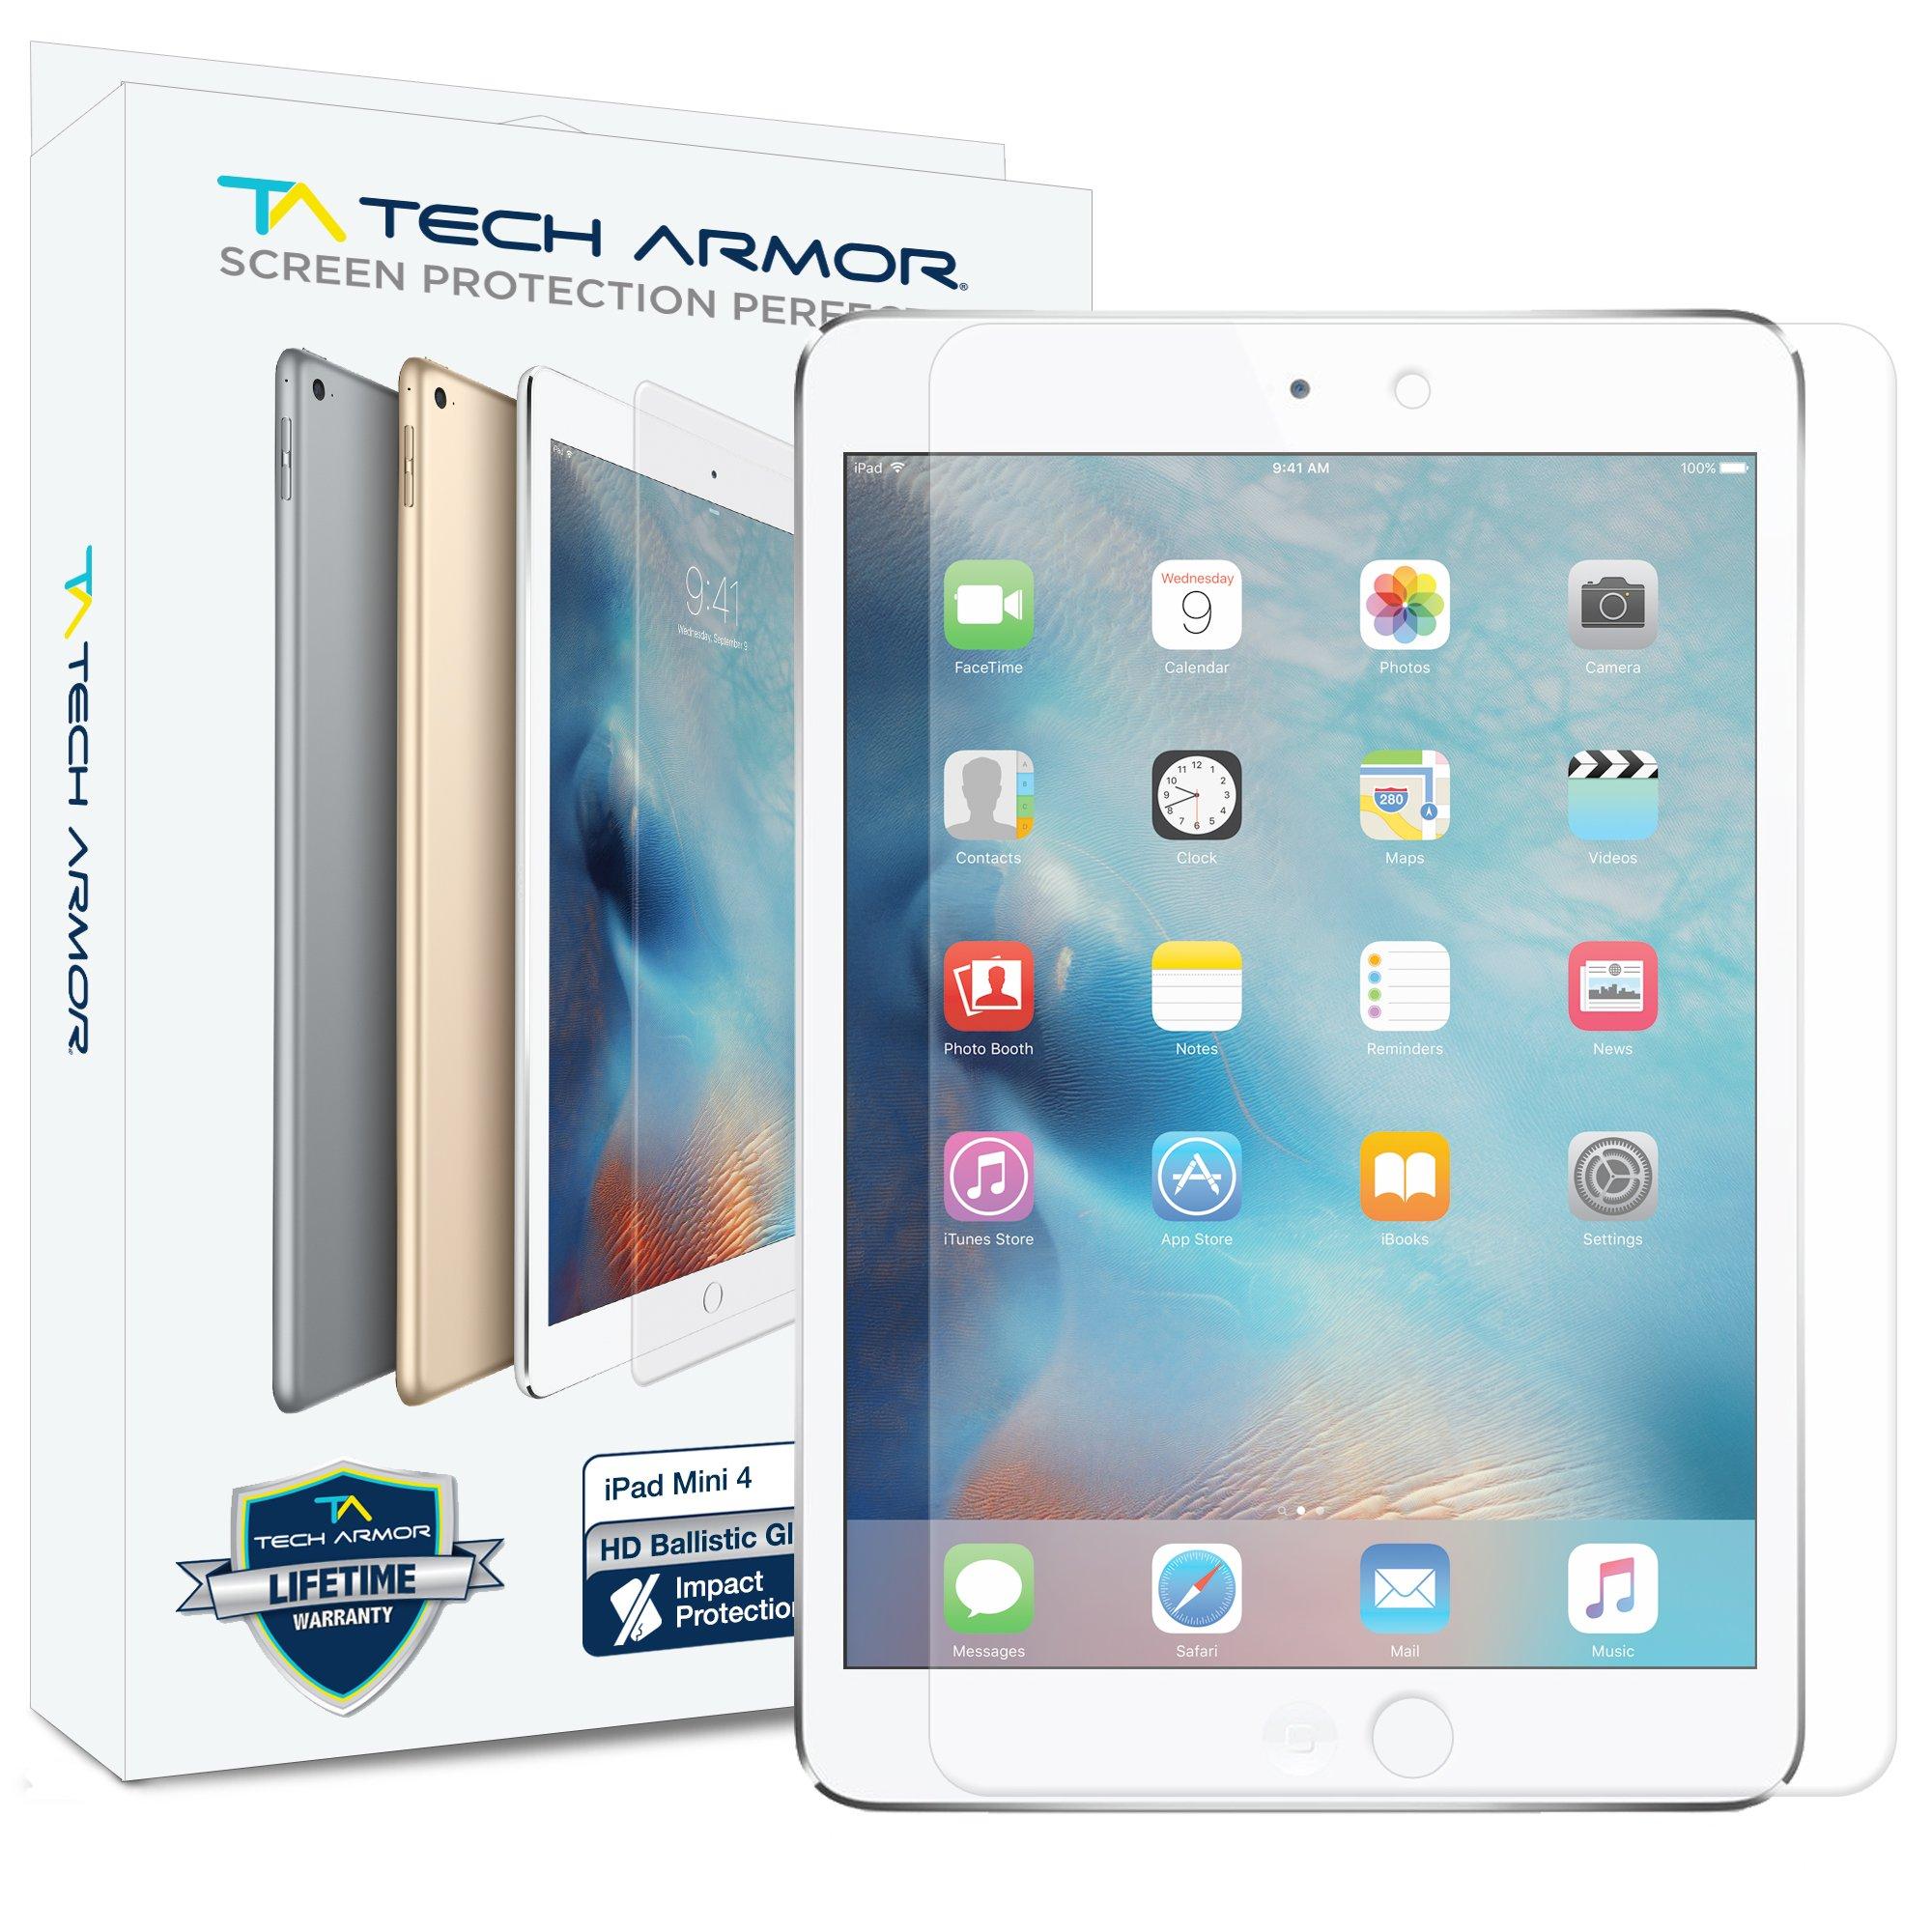 Tech Armor iPad Mini 4 Glass Screen Protector, Premium Ballistic Glass Apple iPad Mini 4 Screen Protectors [1]